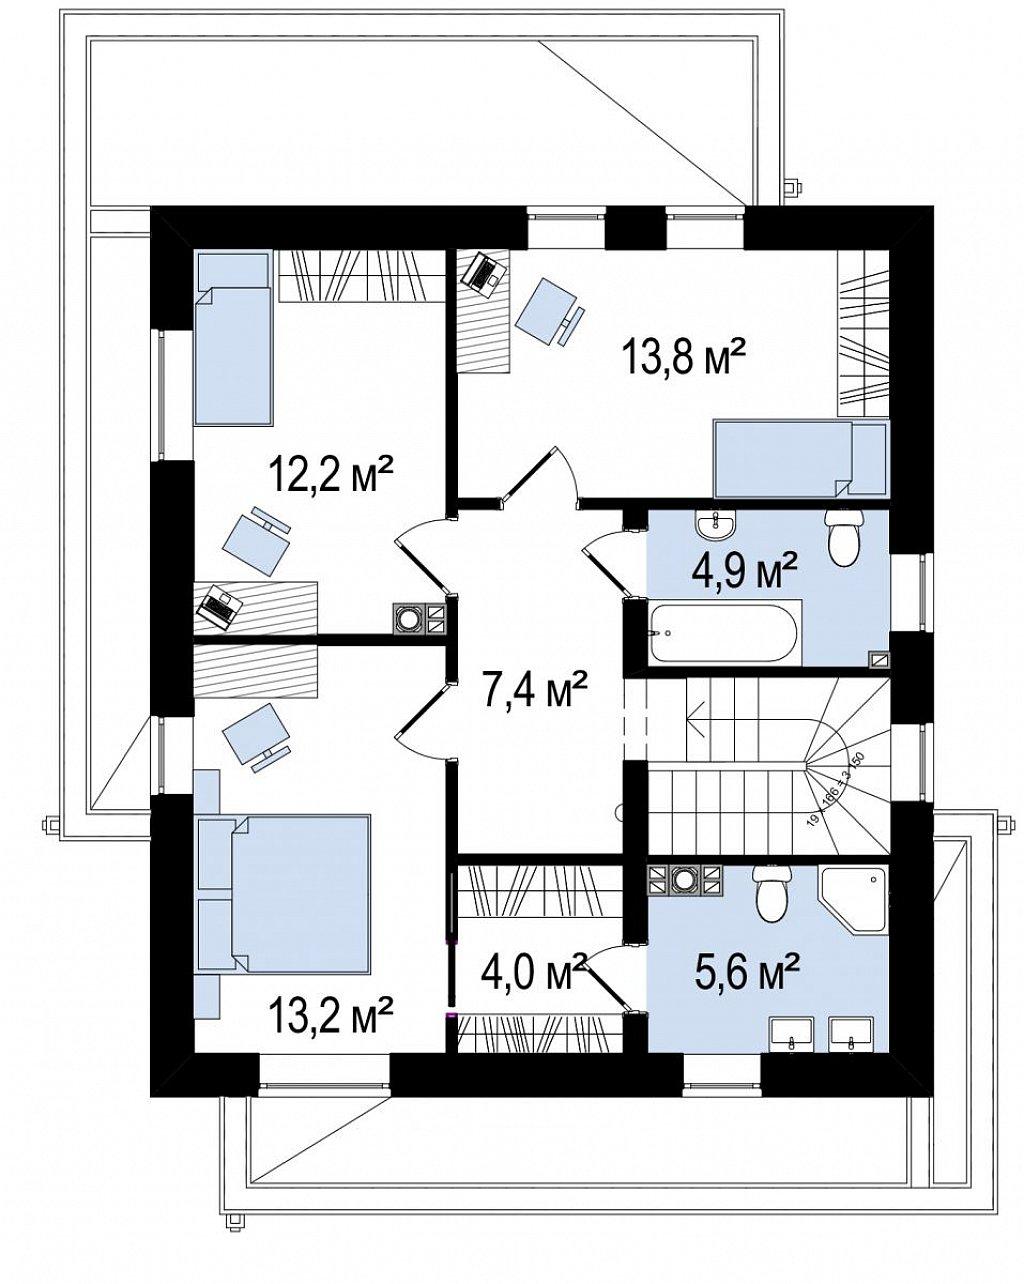 Простой аккуратный проект двухэтажного дома с плоской кровлей план помещений 2